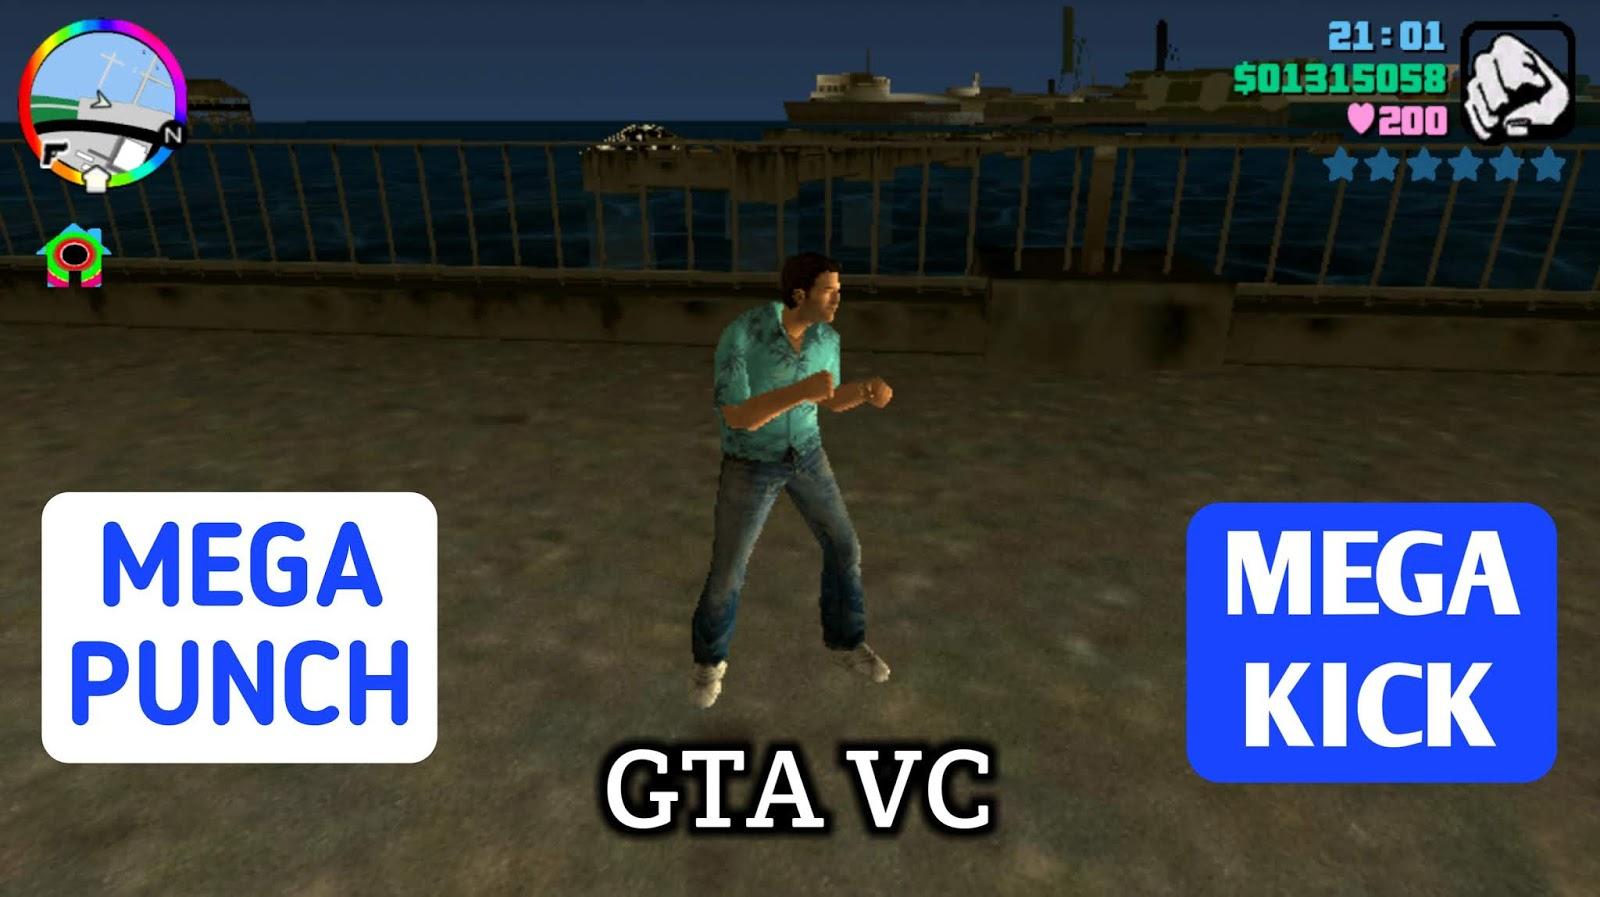 GTA Vice City Mega Punch And Mega Kick Mod Android / PC   No-Root